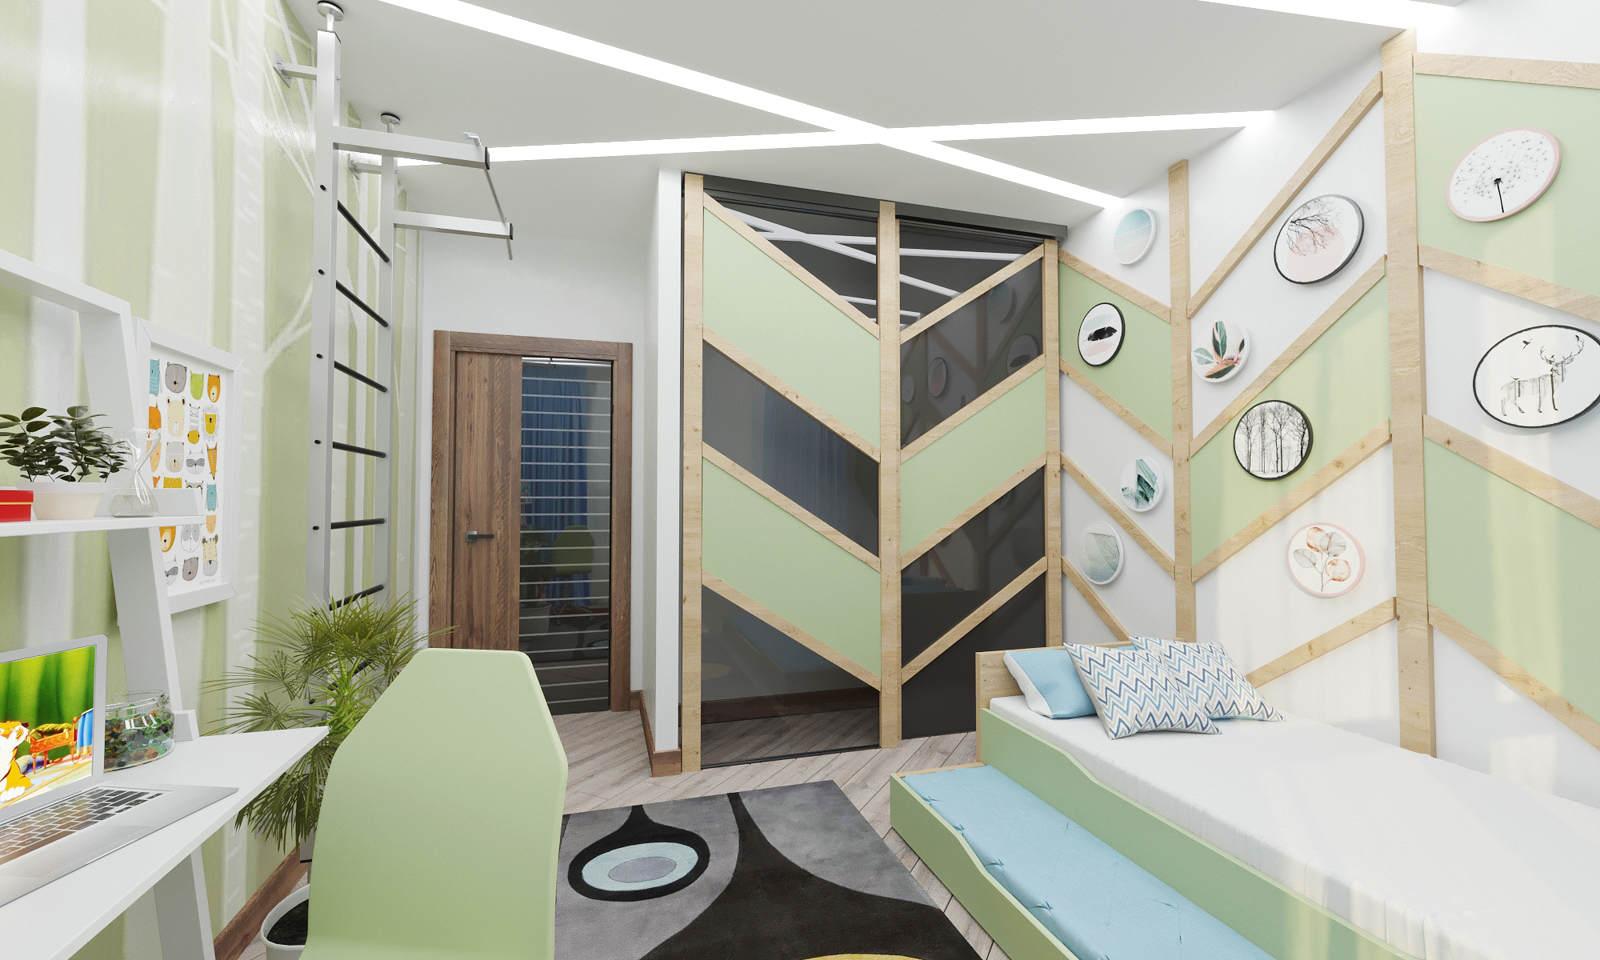 Дизайн детской комнаты фото Киев панели на стенах ЖК Ривер Стоун, салатовый цвет идеи рабочее место стол